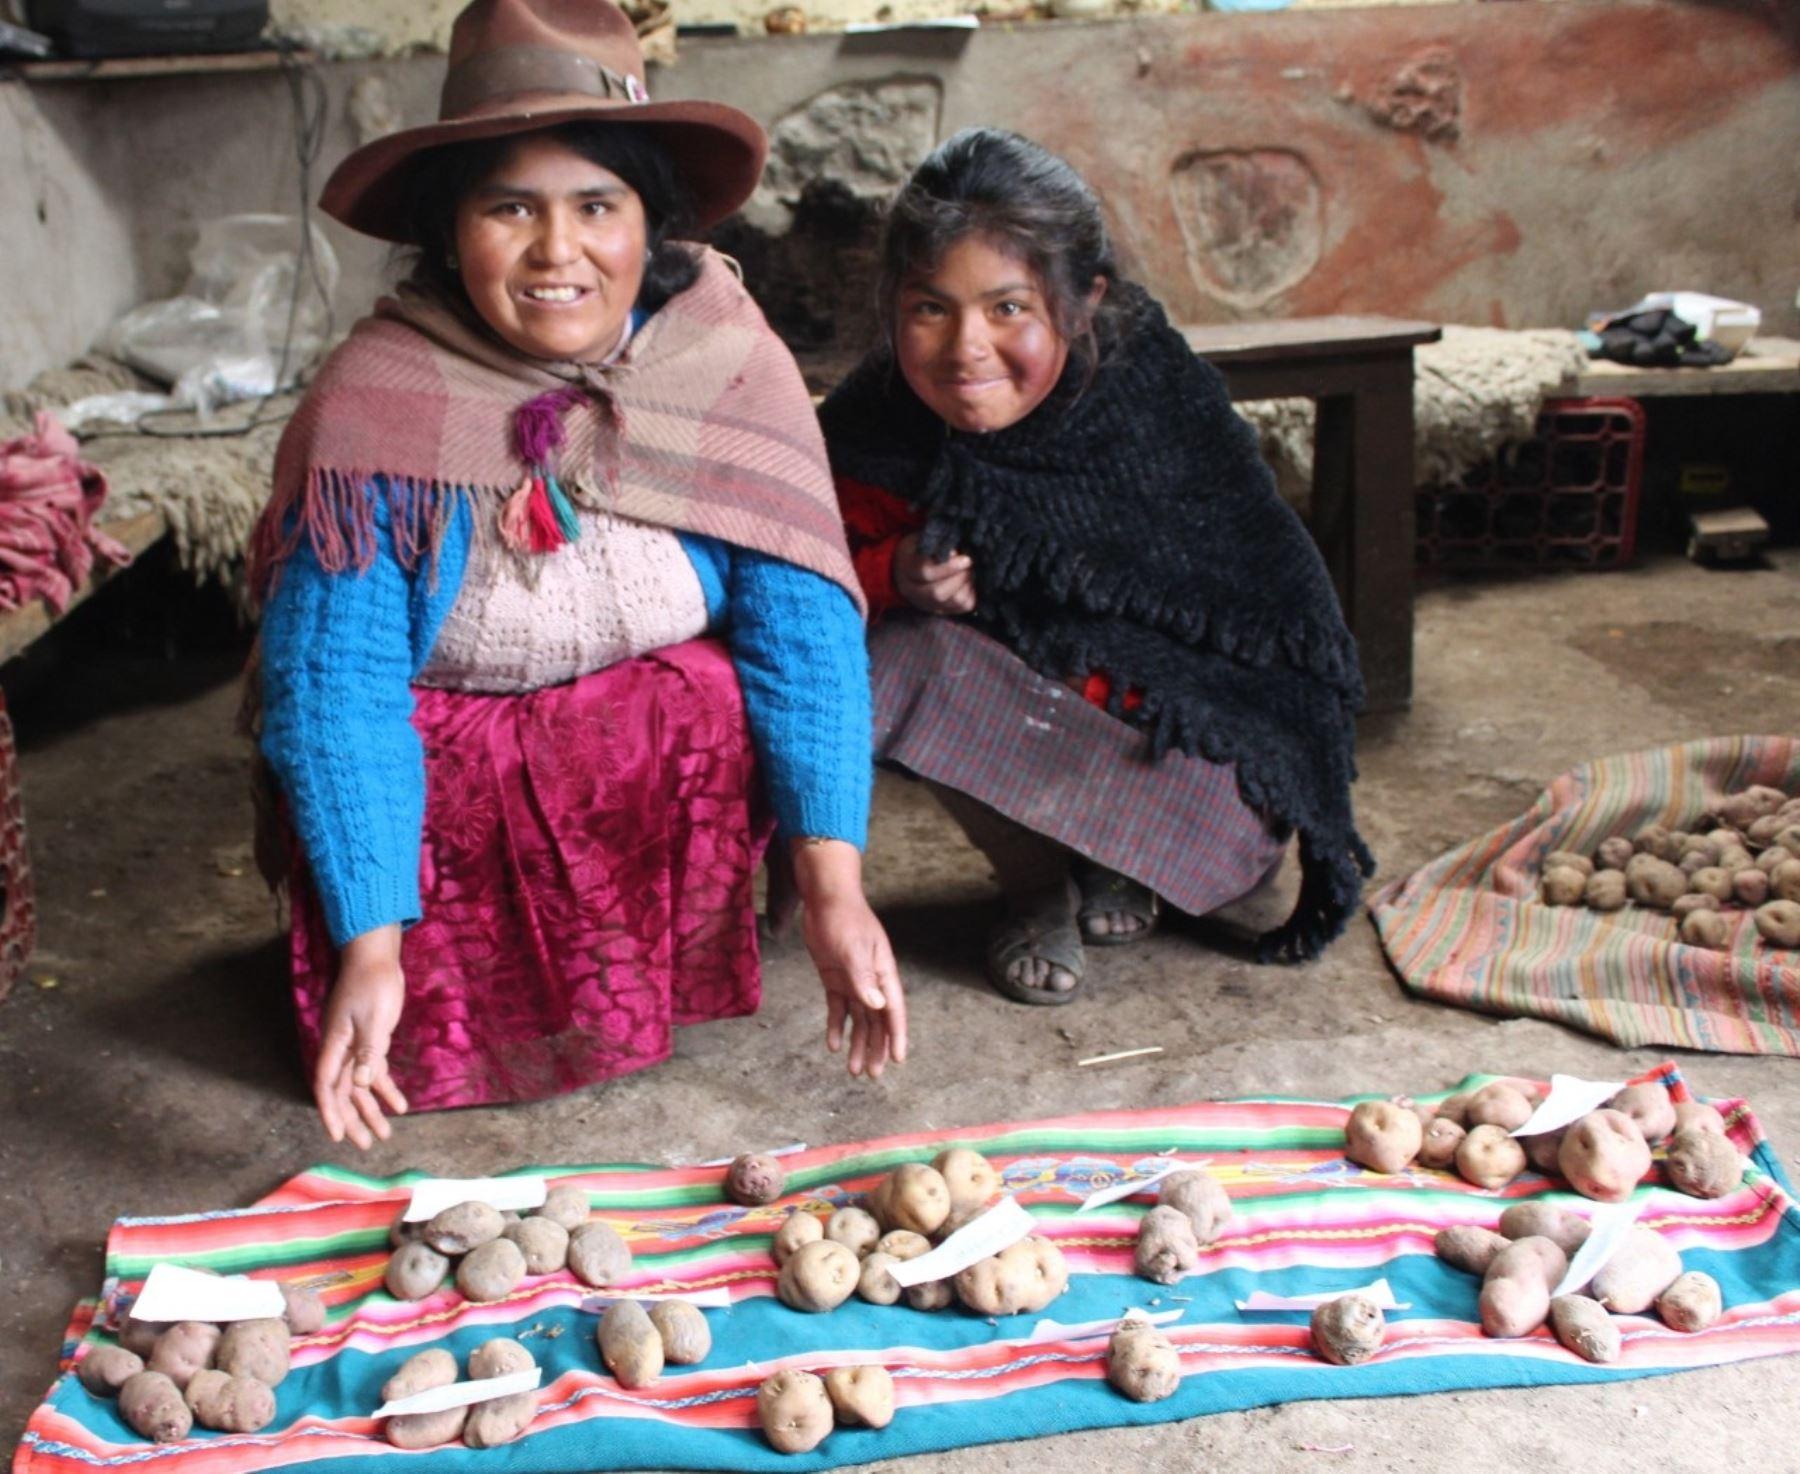 Conoce Marcapata Ccollana, la nueva estrella de la agrobiodiversidad del Perú, reconocida por el Ministerio de Desarrollo Agrario y Riego (Midagri), que atesora diversos cultivos andinos. ANDINA/Difusión